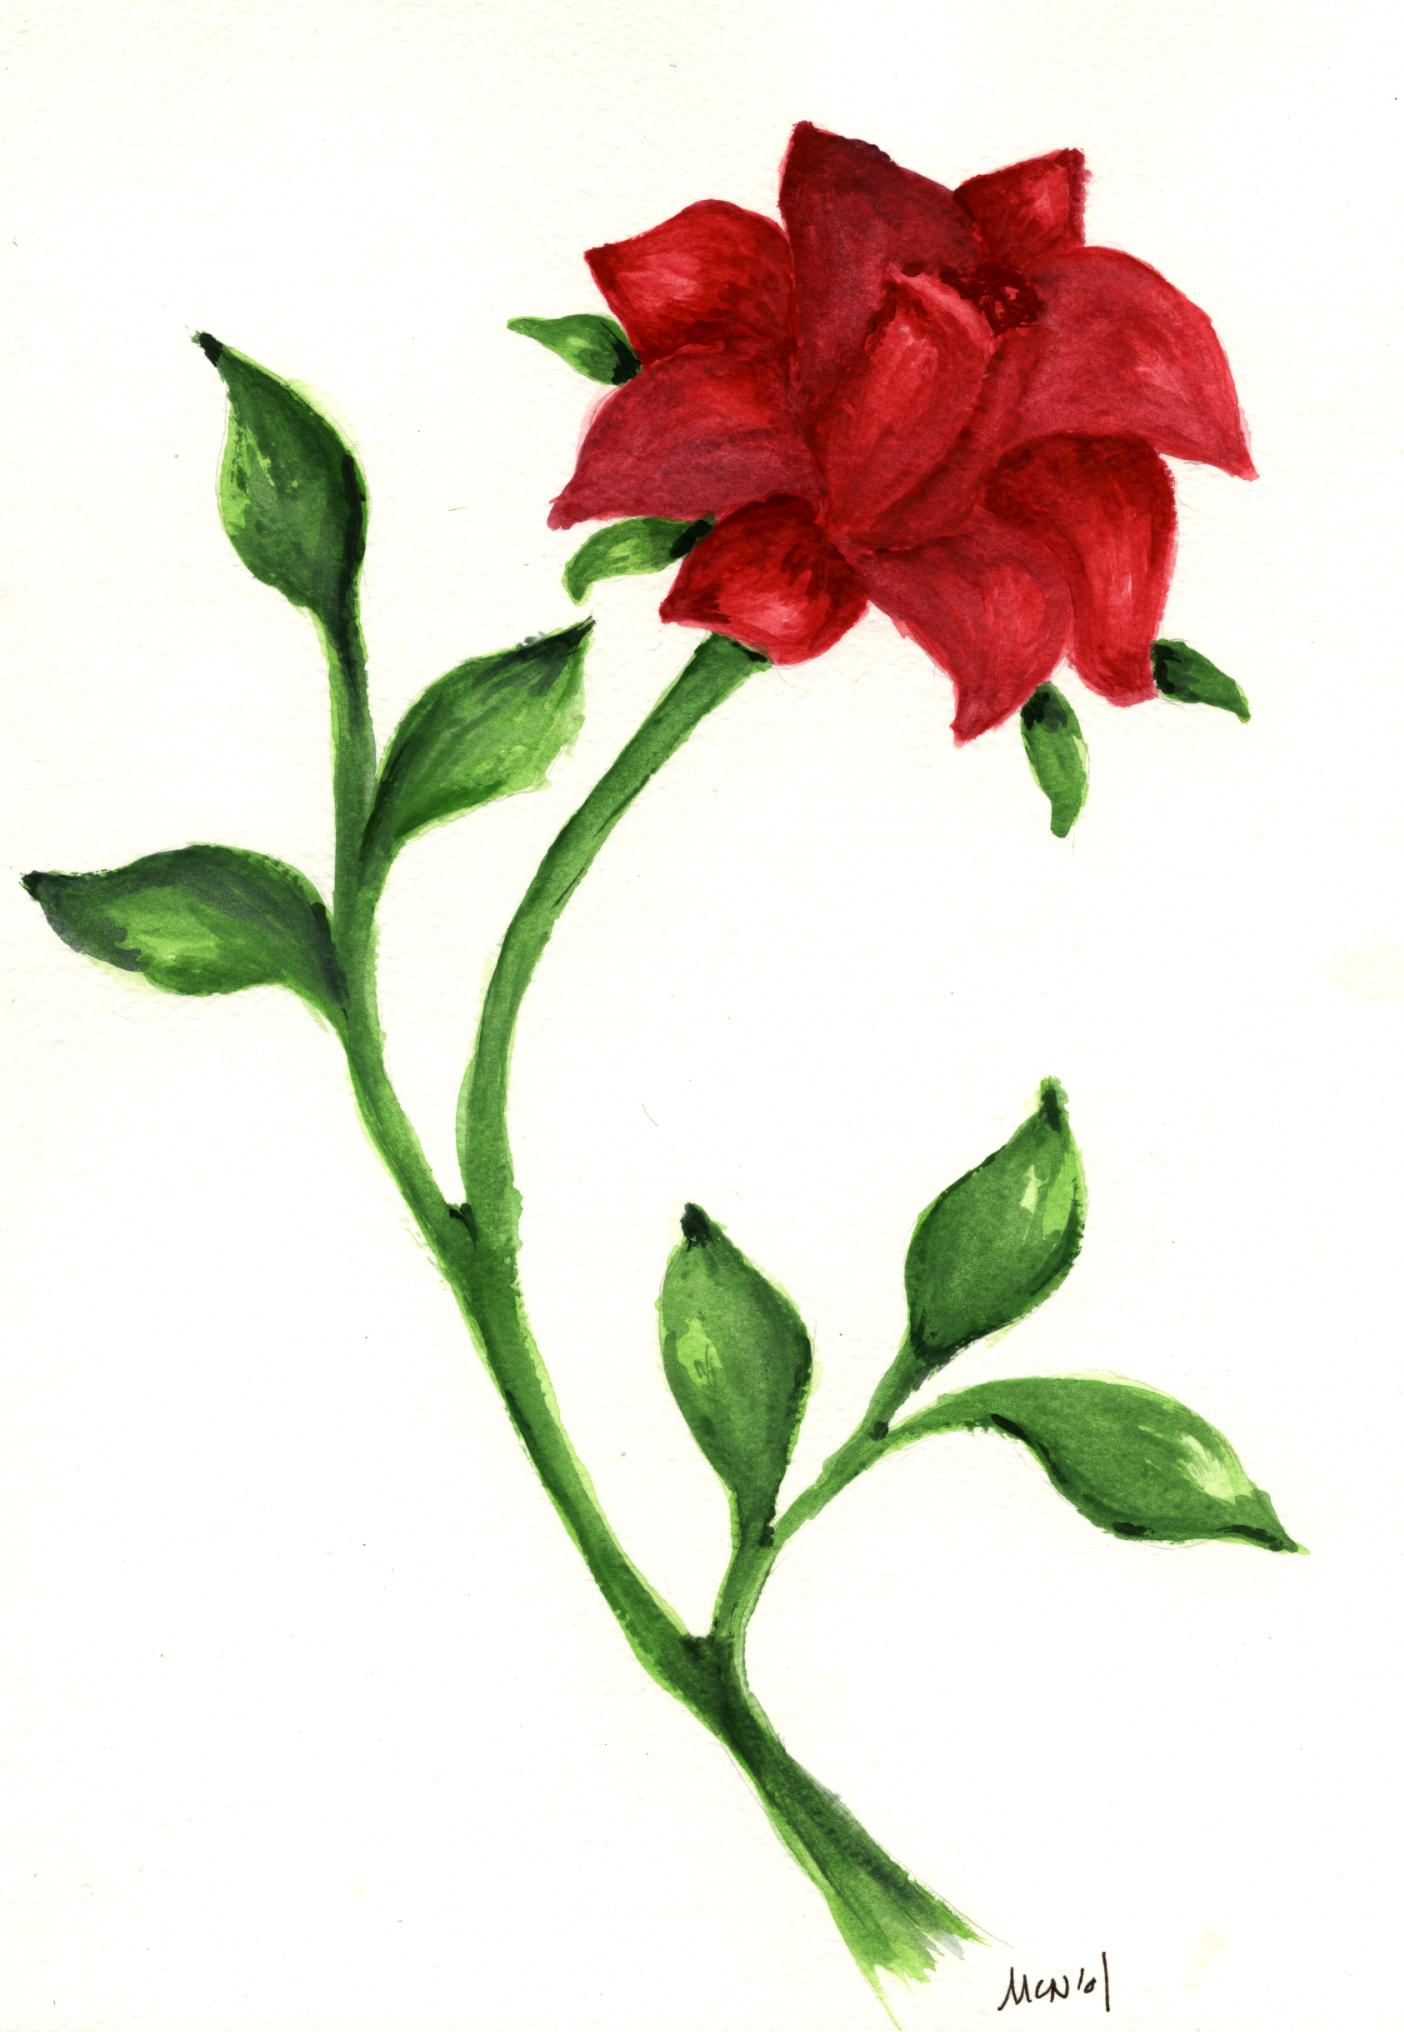 Drawn red rose sketch Drawing Red Rose Red Sketch